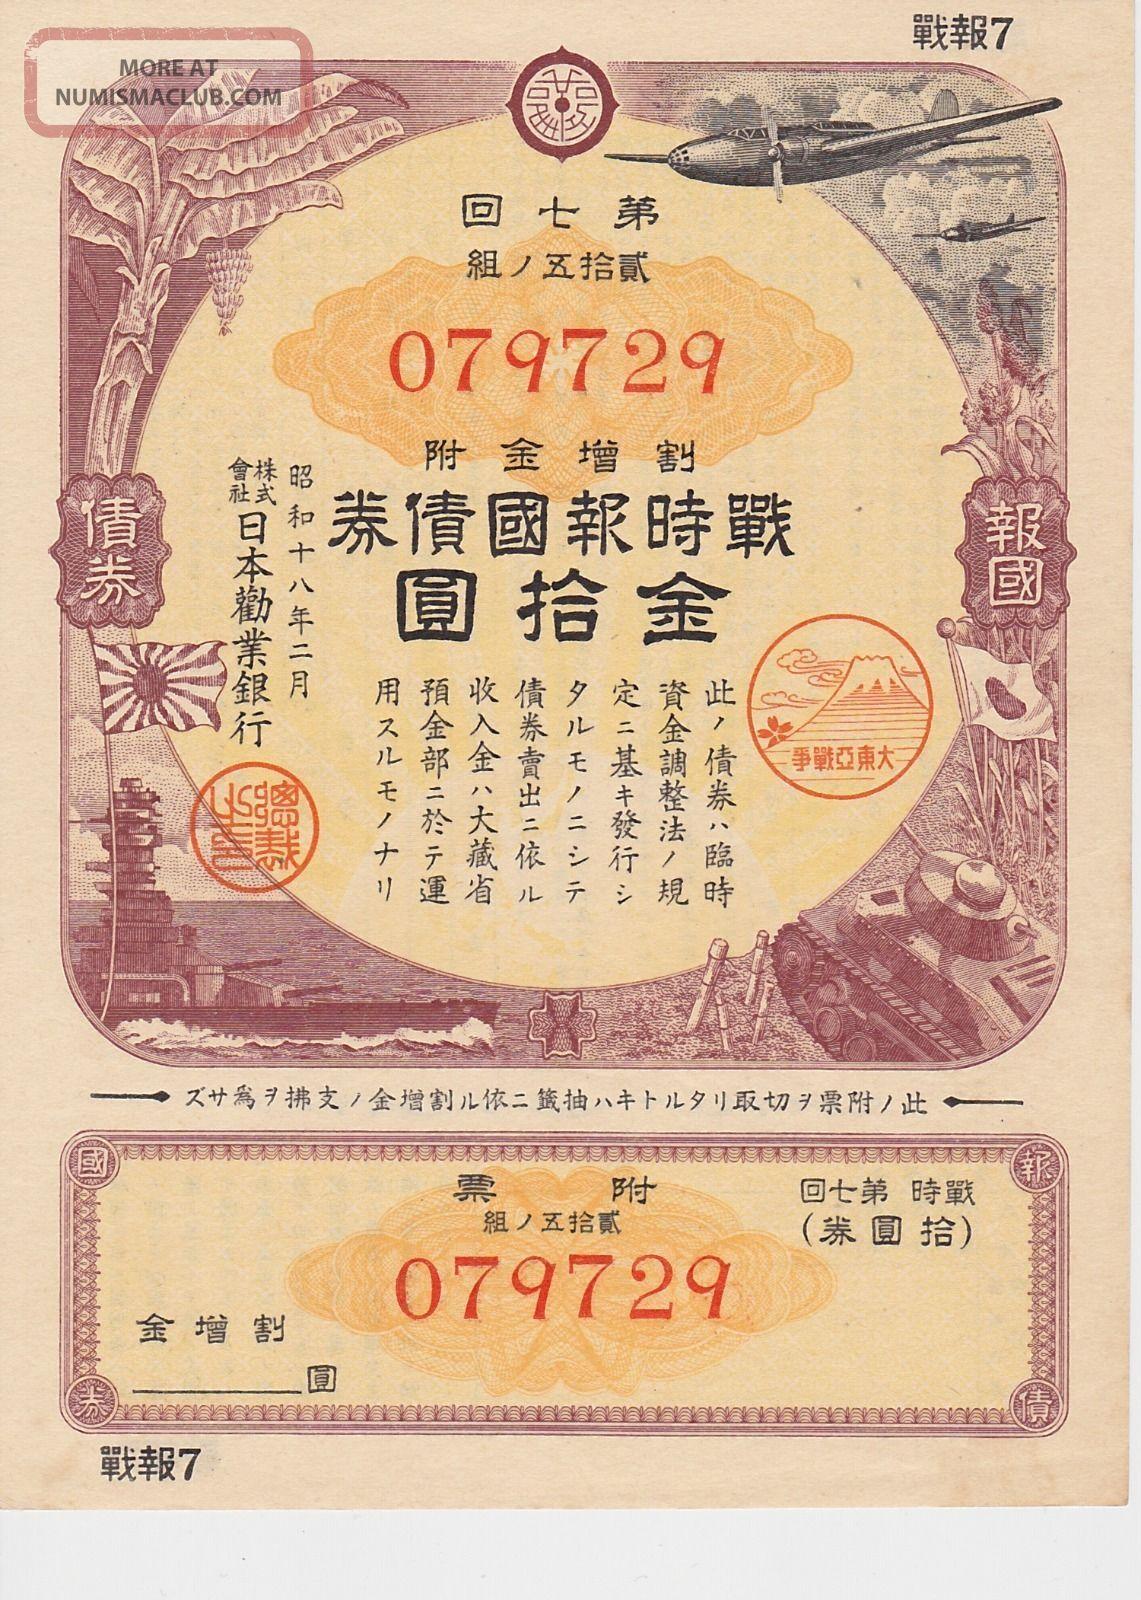 World War Ii Japanese 10 Yen War Bond - - Colorful World photo